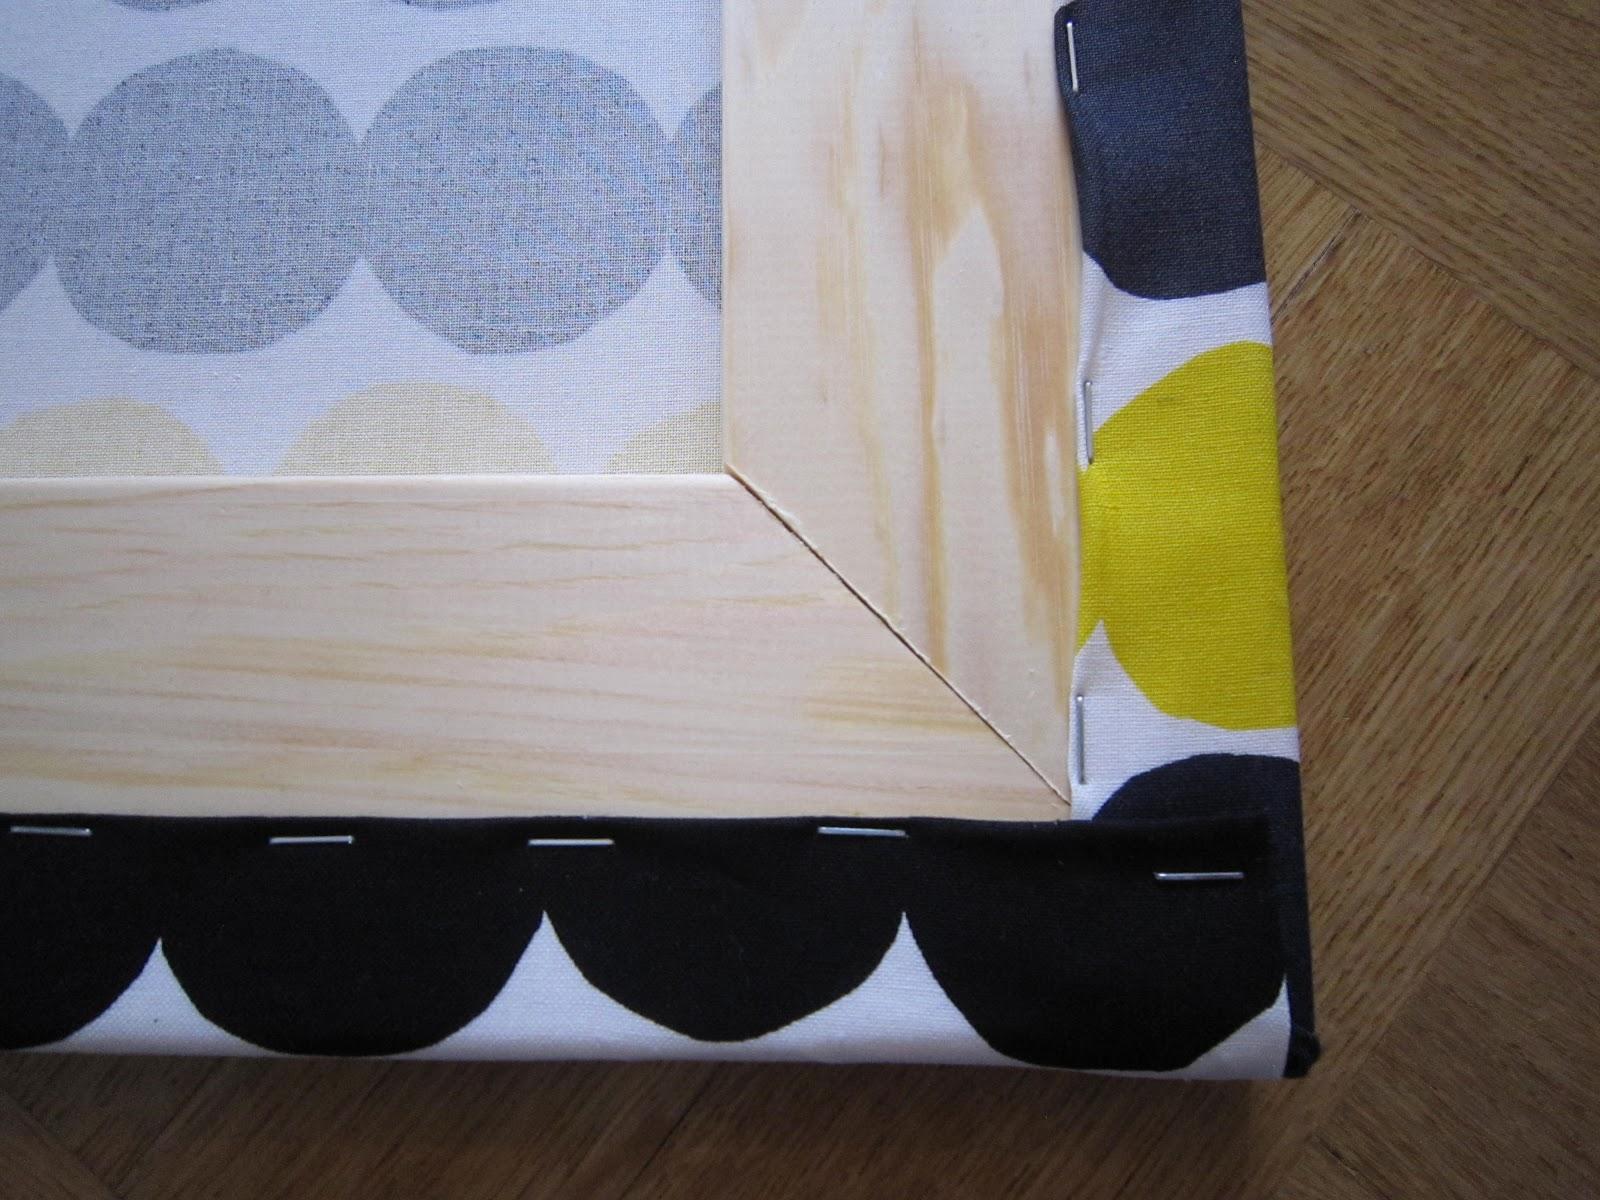 DIY kangastaulu Marimekko. Itse tehty taulu kankaasta. Kiilakehykset kangastauluun. Kankaan pingotus.